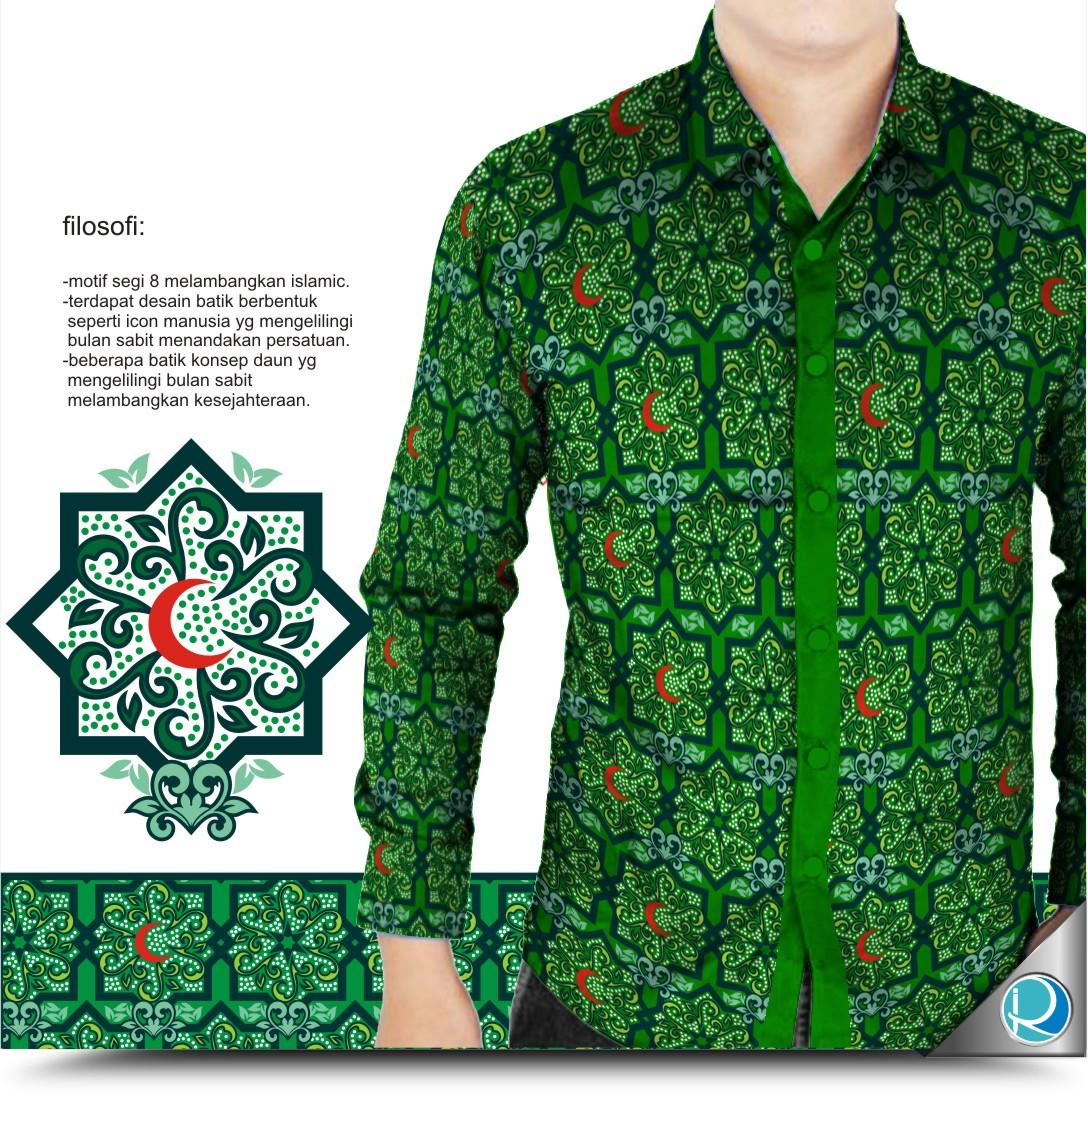 Desain baju kemeja batik